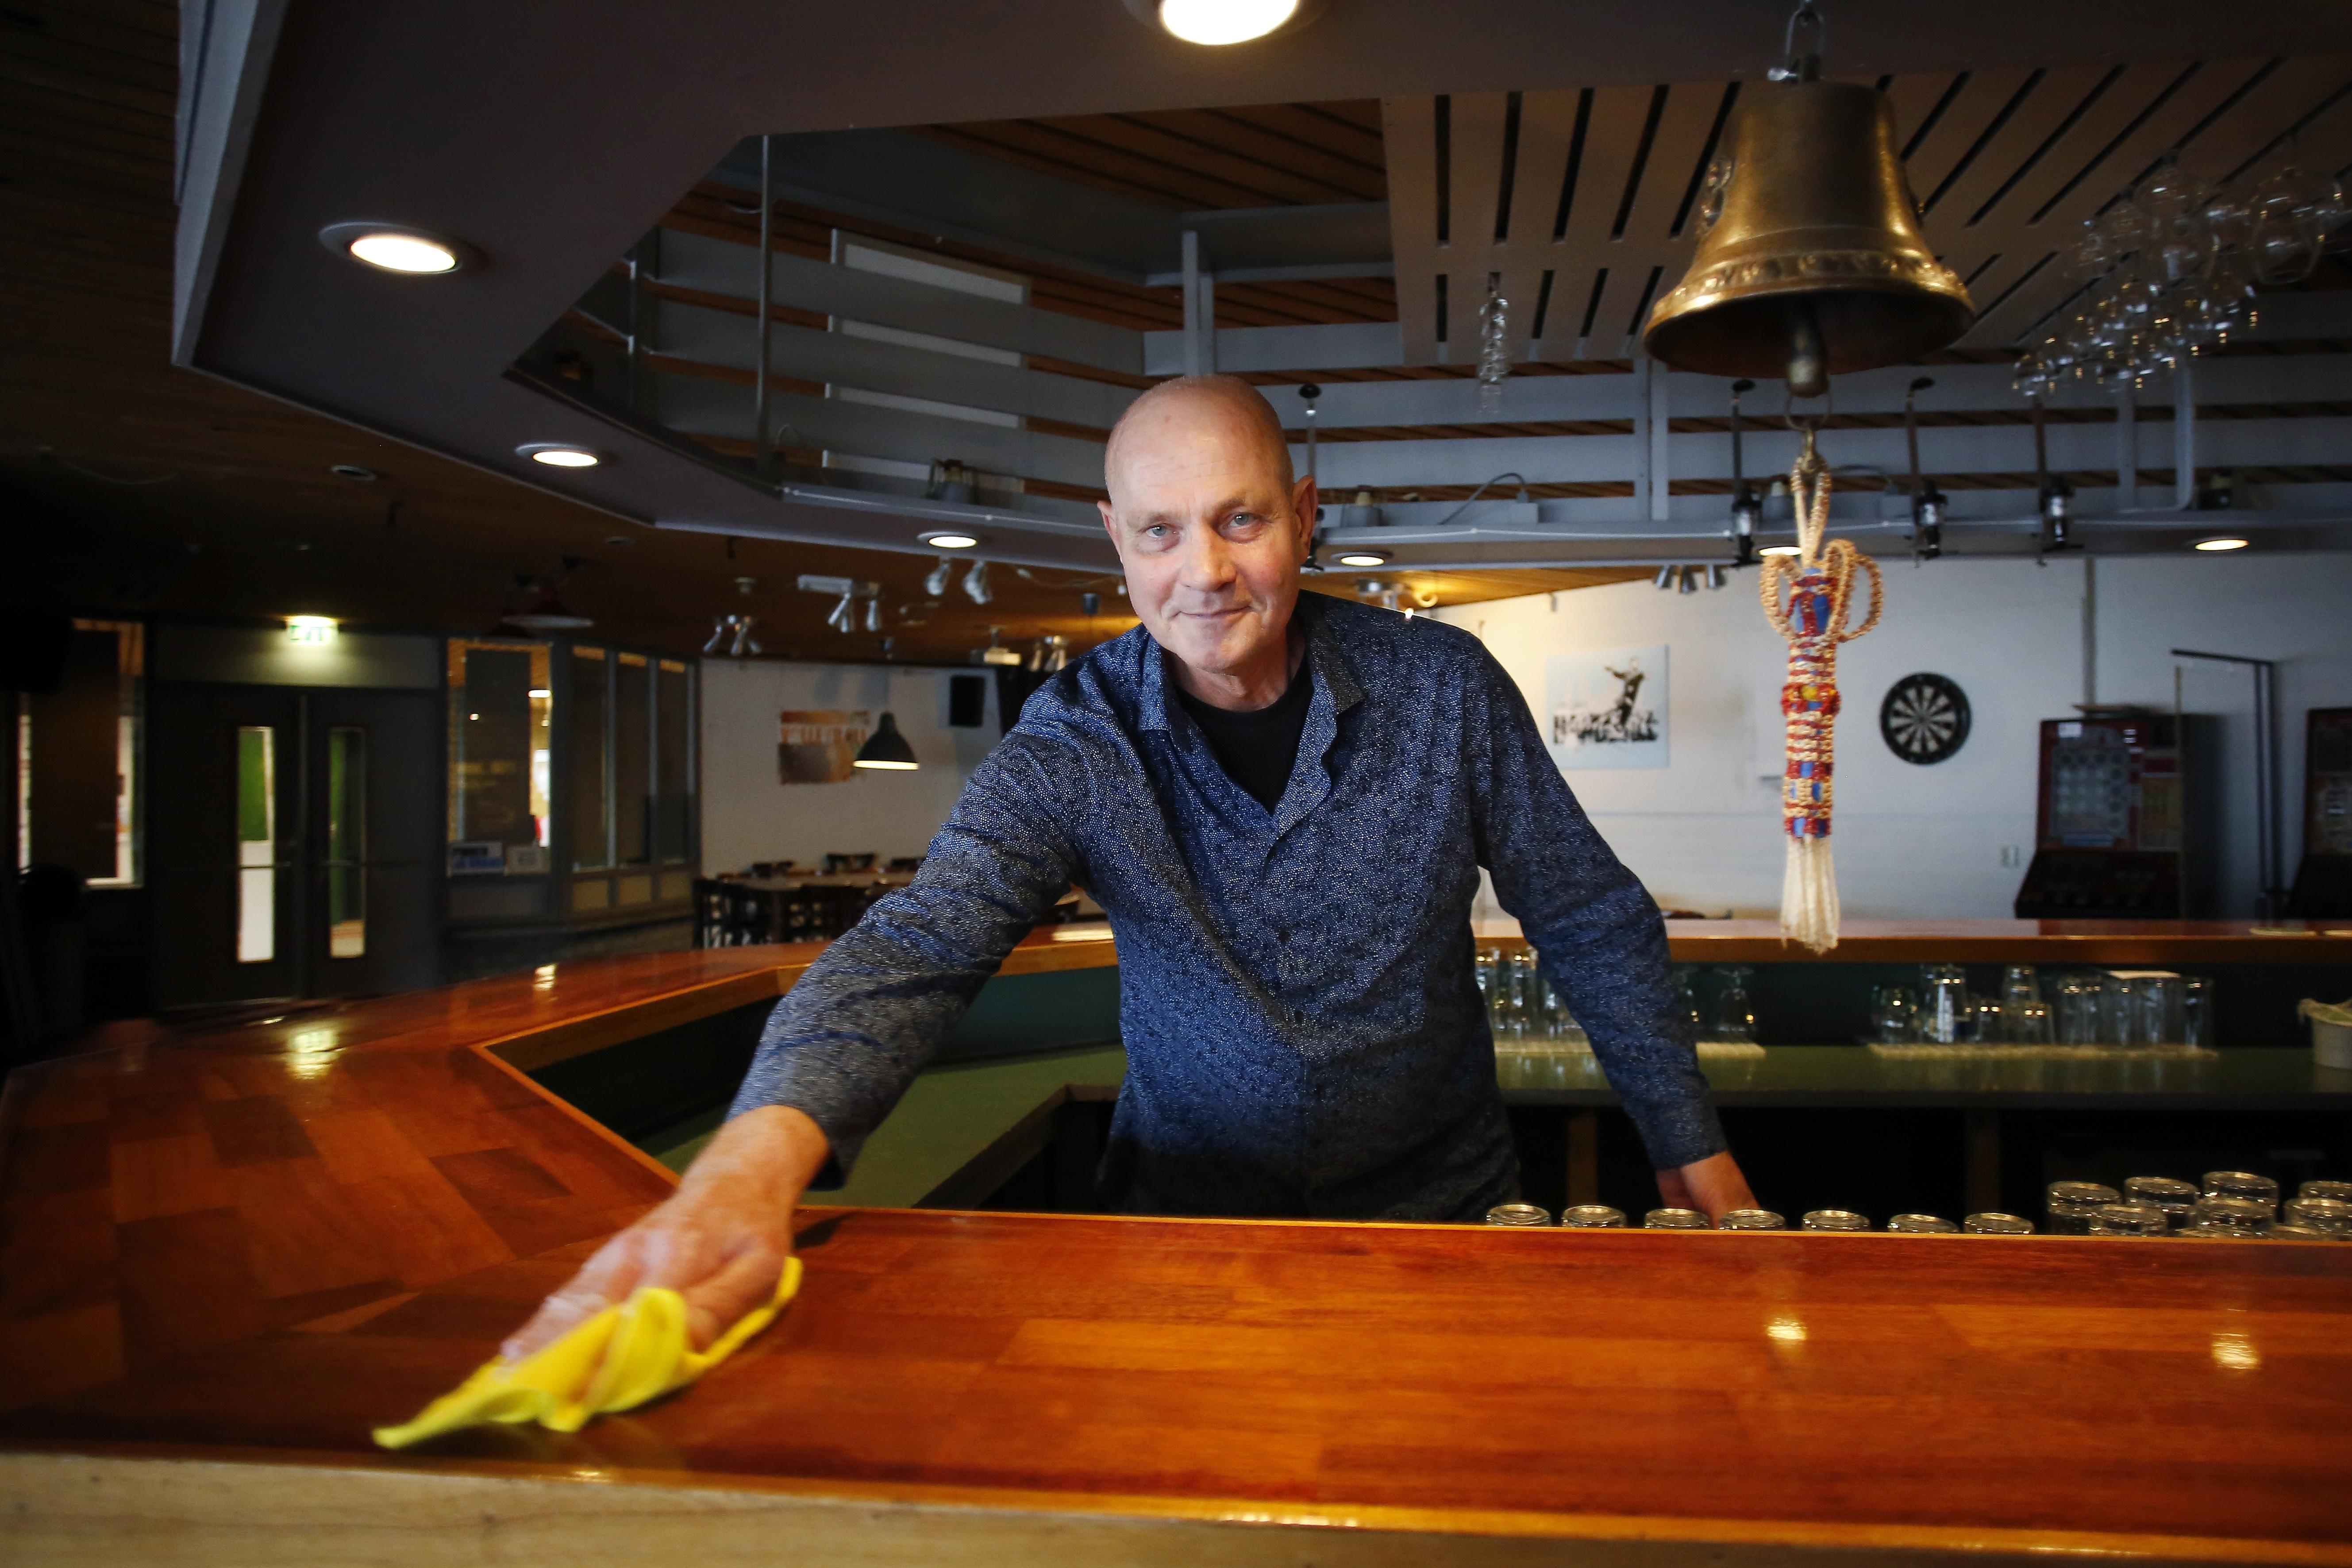 Met pijn in het hart sluit Henk Mol een jaar voor zijn pensionering de deuren van sportcafé Bar Olympus in Weesp: 'Afscheid had een enorm knalfeest moeten worden'